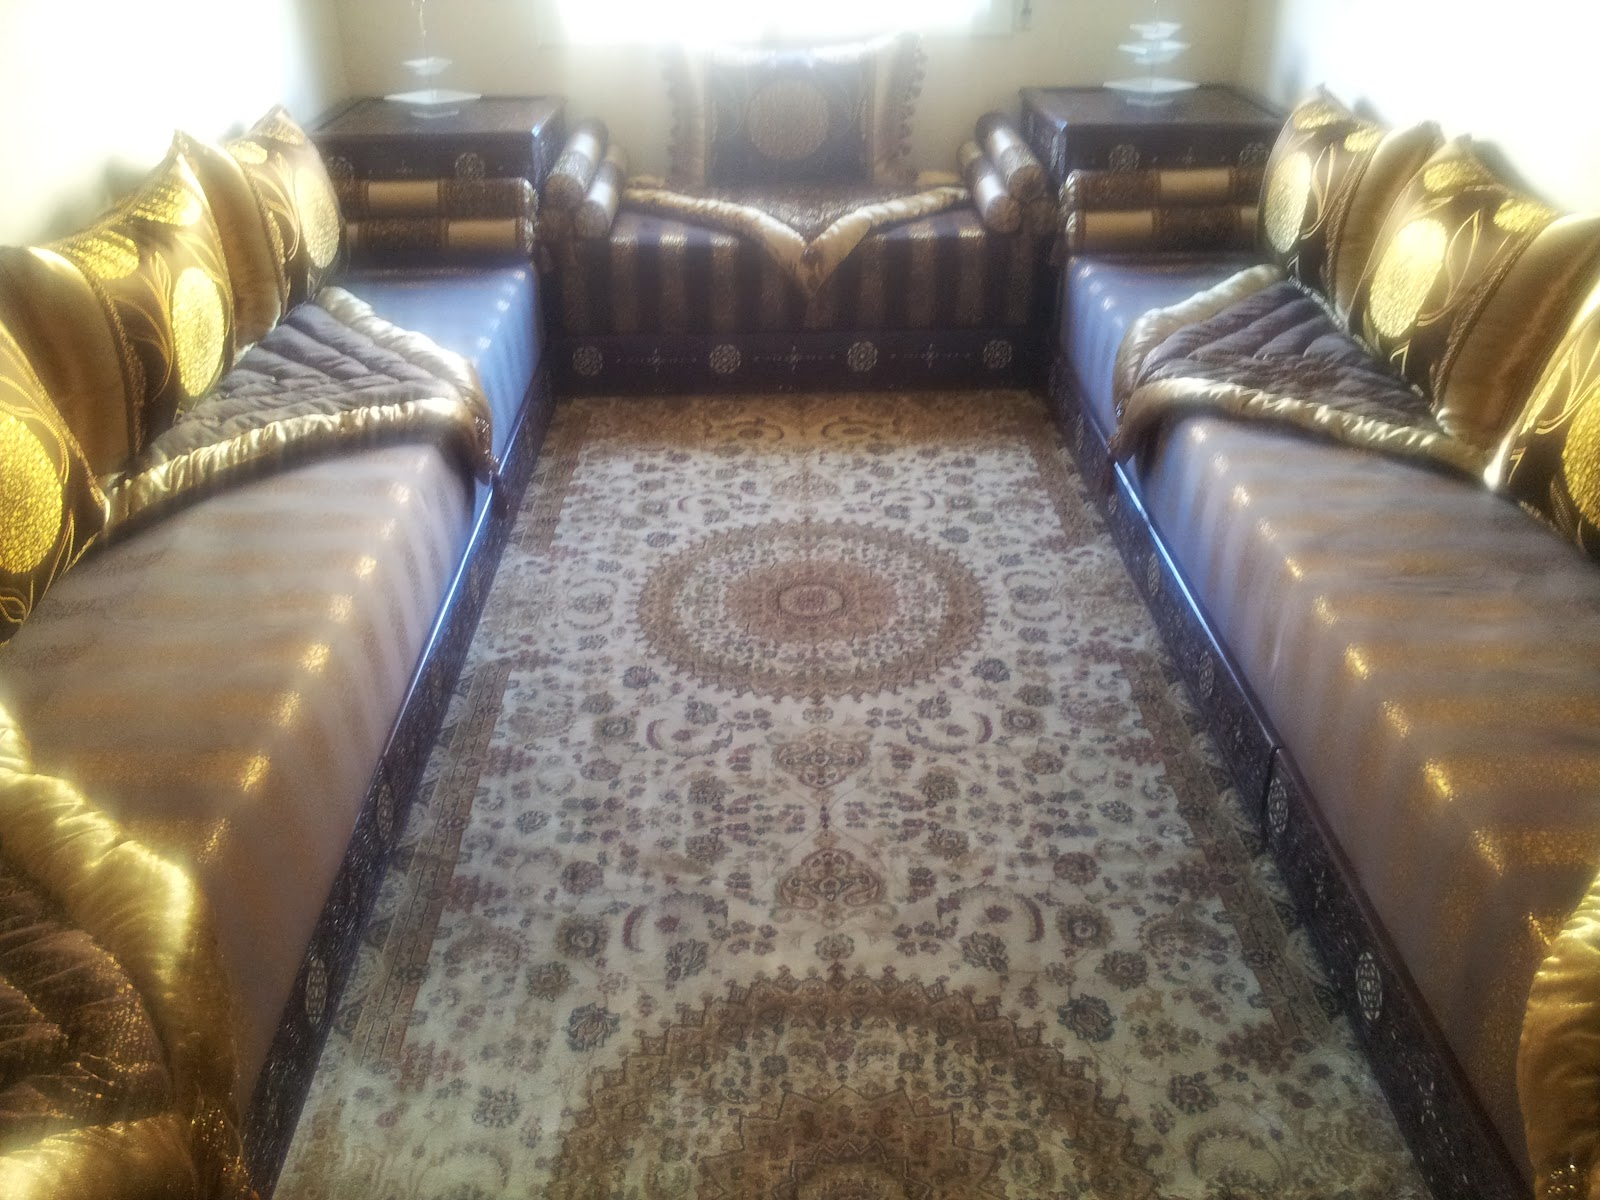 le tapis est aussi dune marque turque appel rawaii sajjad - Salon Turque